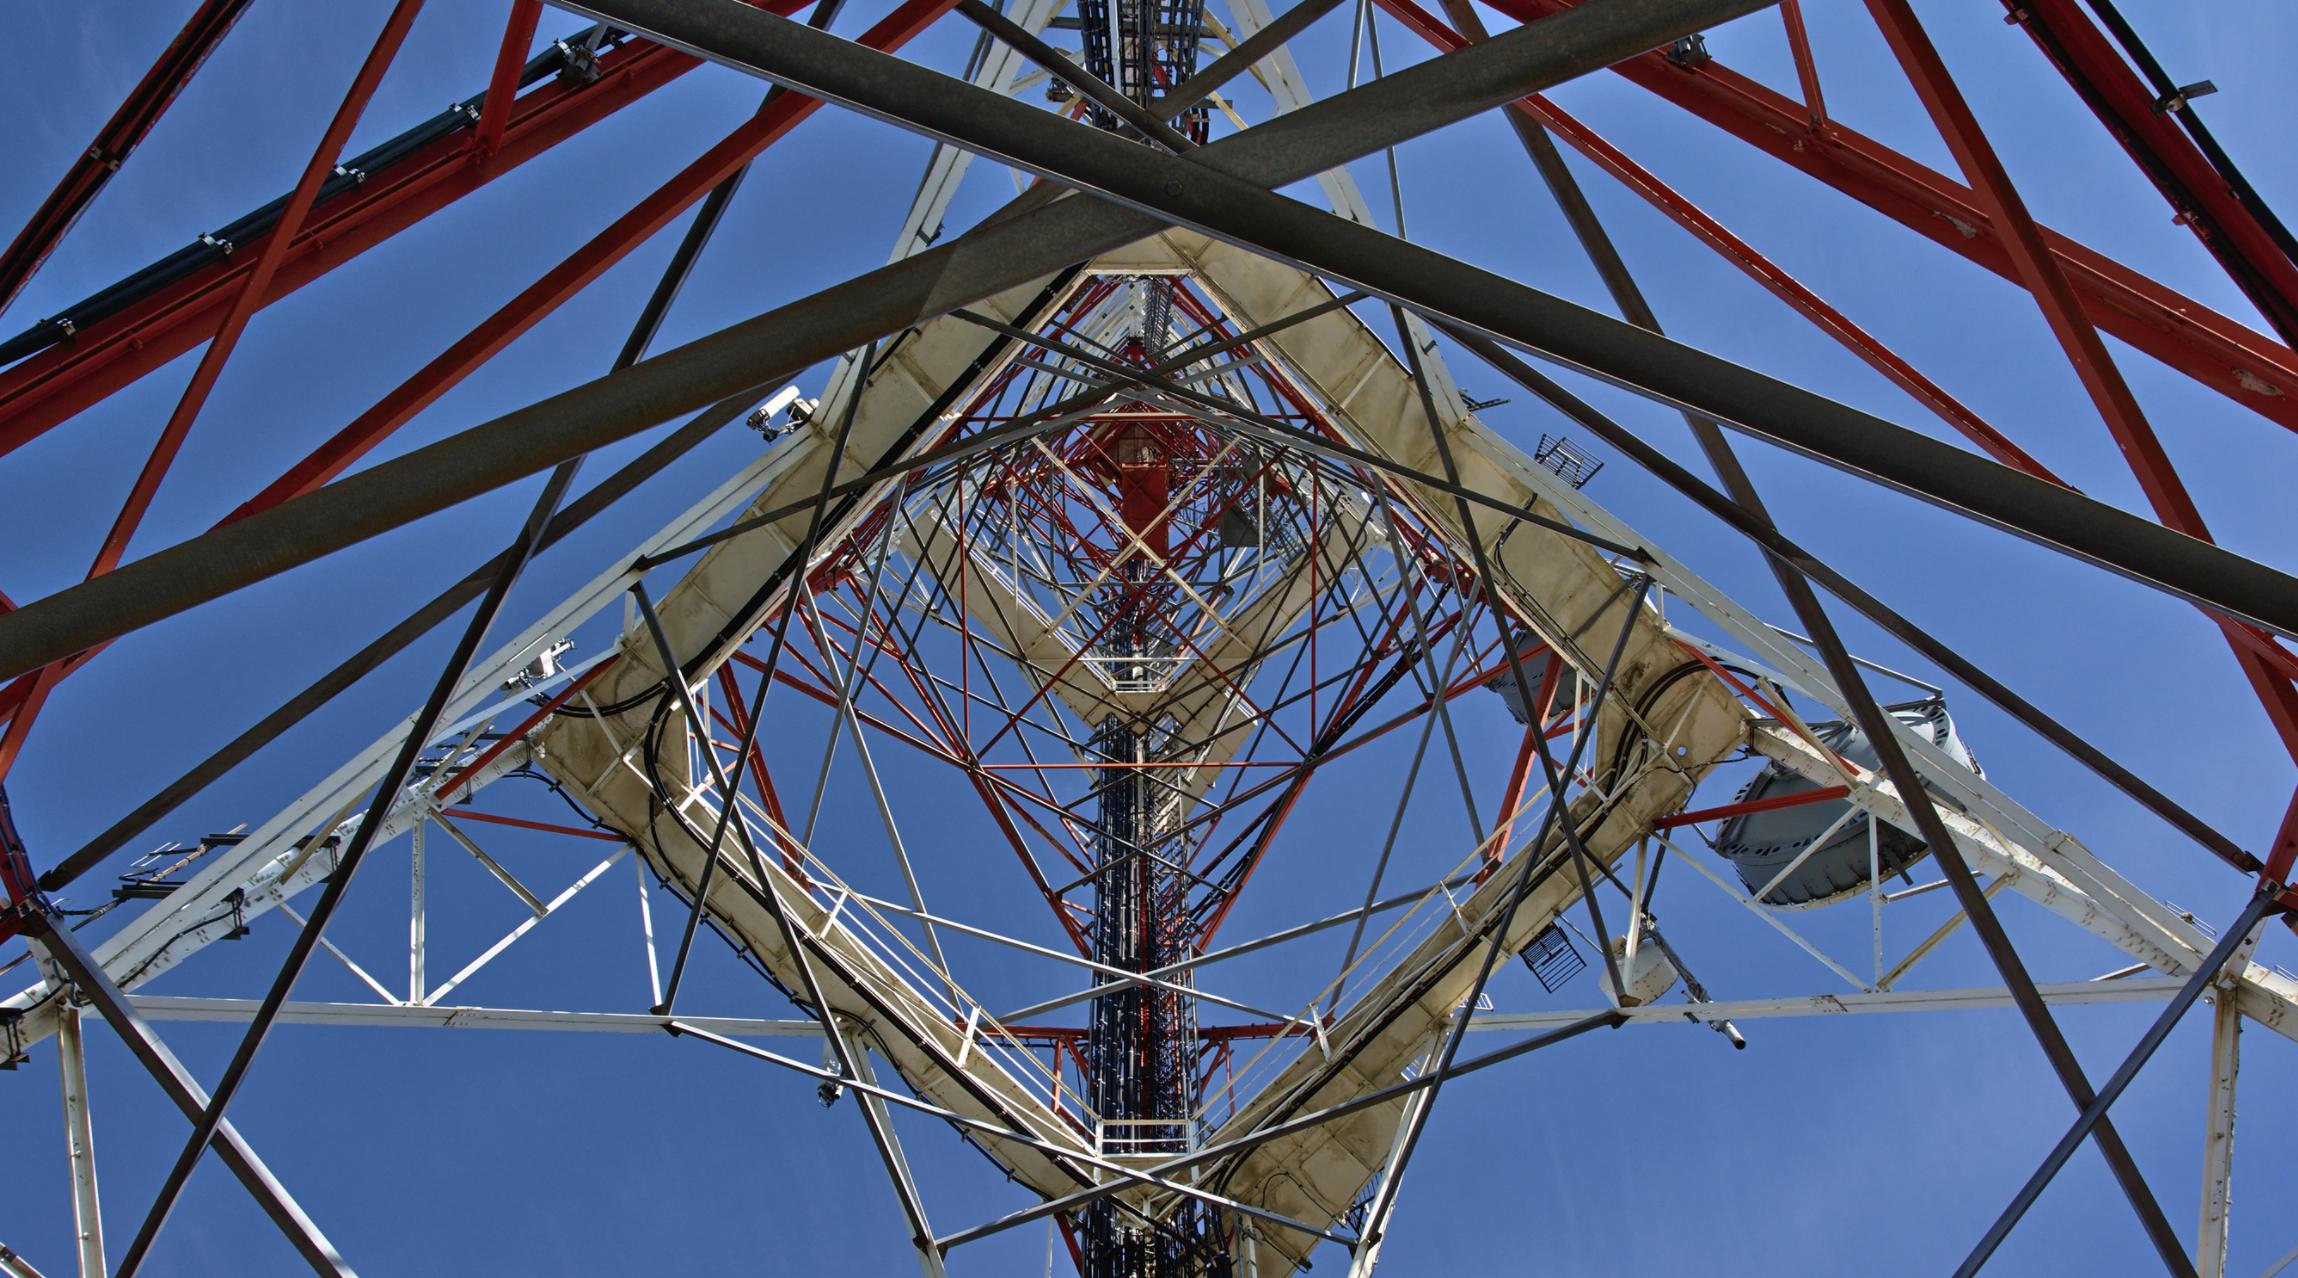 Grupa Polsat zdecydowała o sprzedaży kontrolnego pakietu udziałów Polkomtel Infrastruktura za 7,1 mld zł